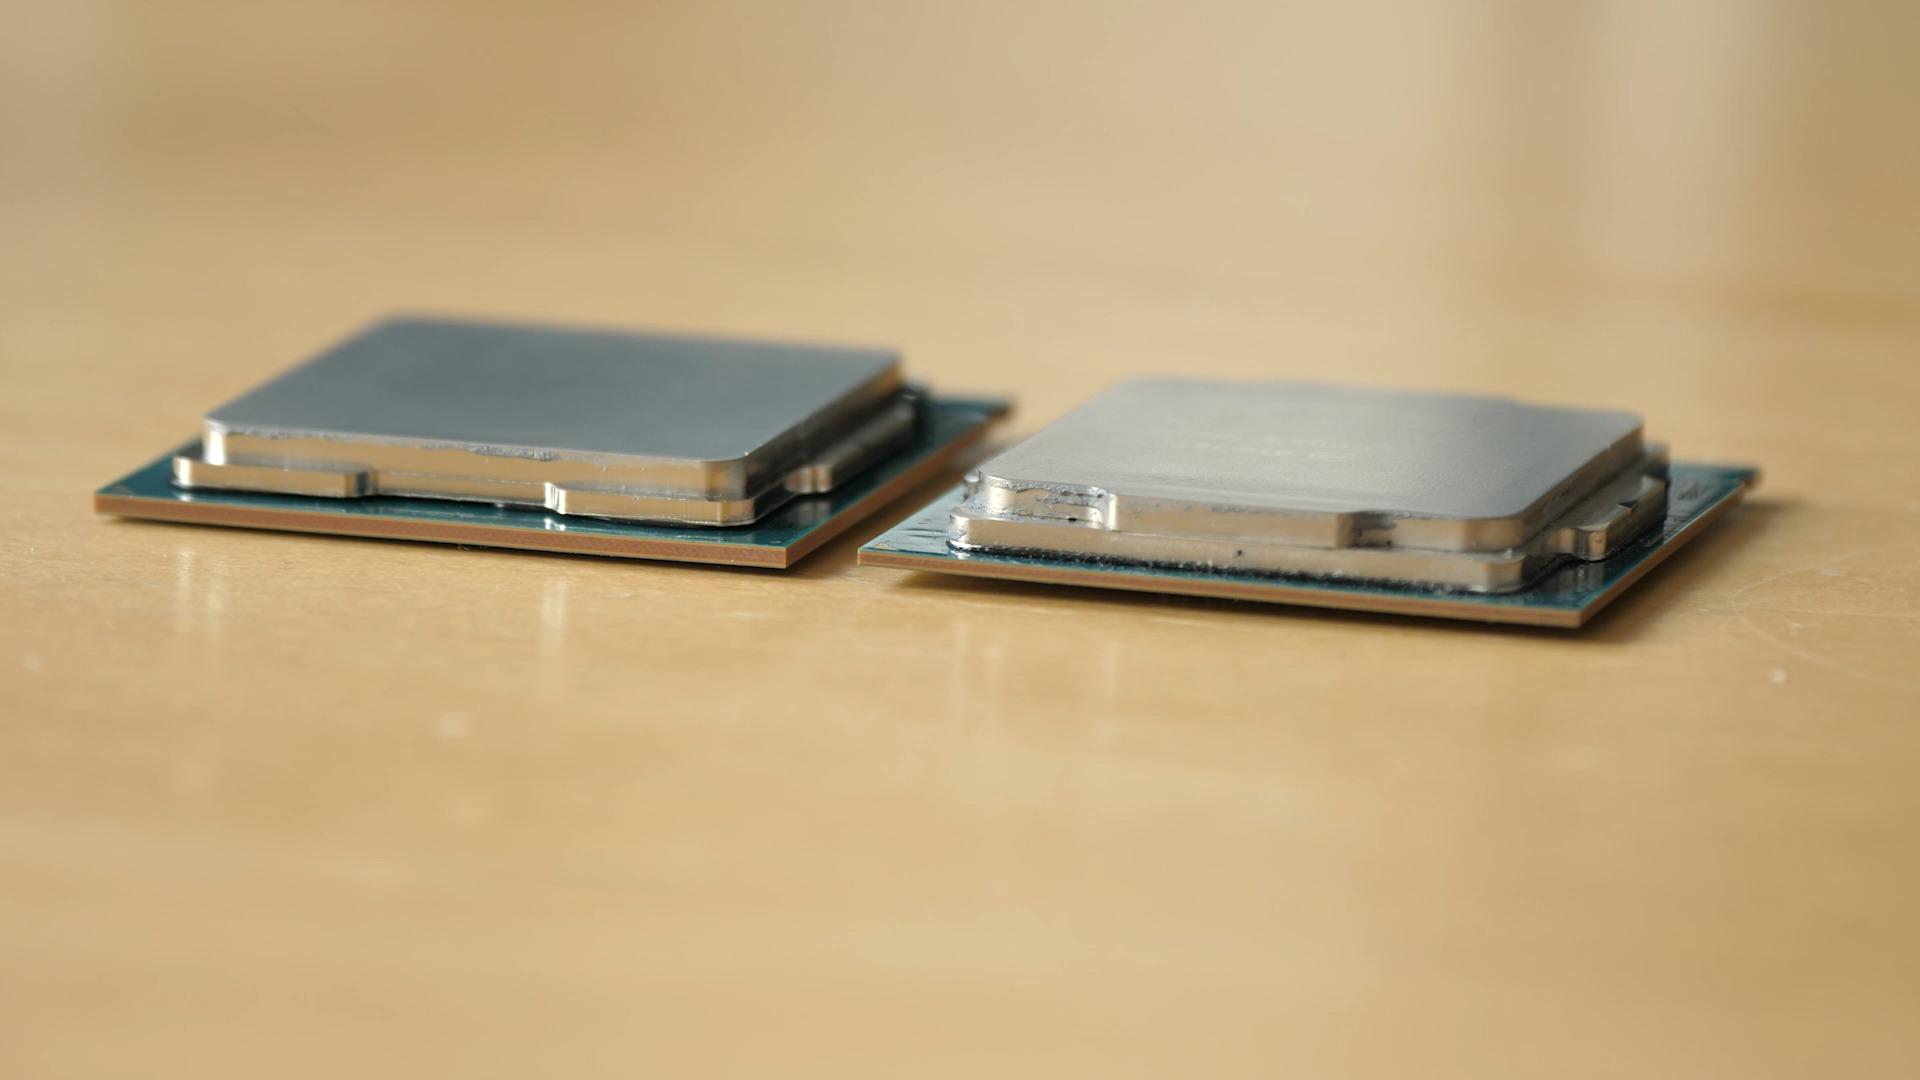 Core i9-9900K im Test: Acht verlötete 5-GHz-Kerne sind extrem - Der Core i9-9900K links hat ein dickeres PCB als der Core i7-8700K rechts. (Bild: Martin Wolf/Golem.de)